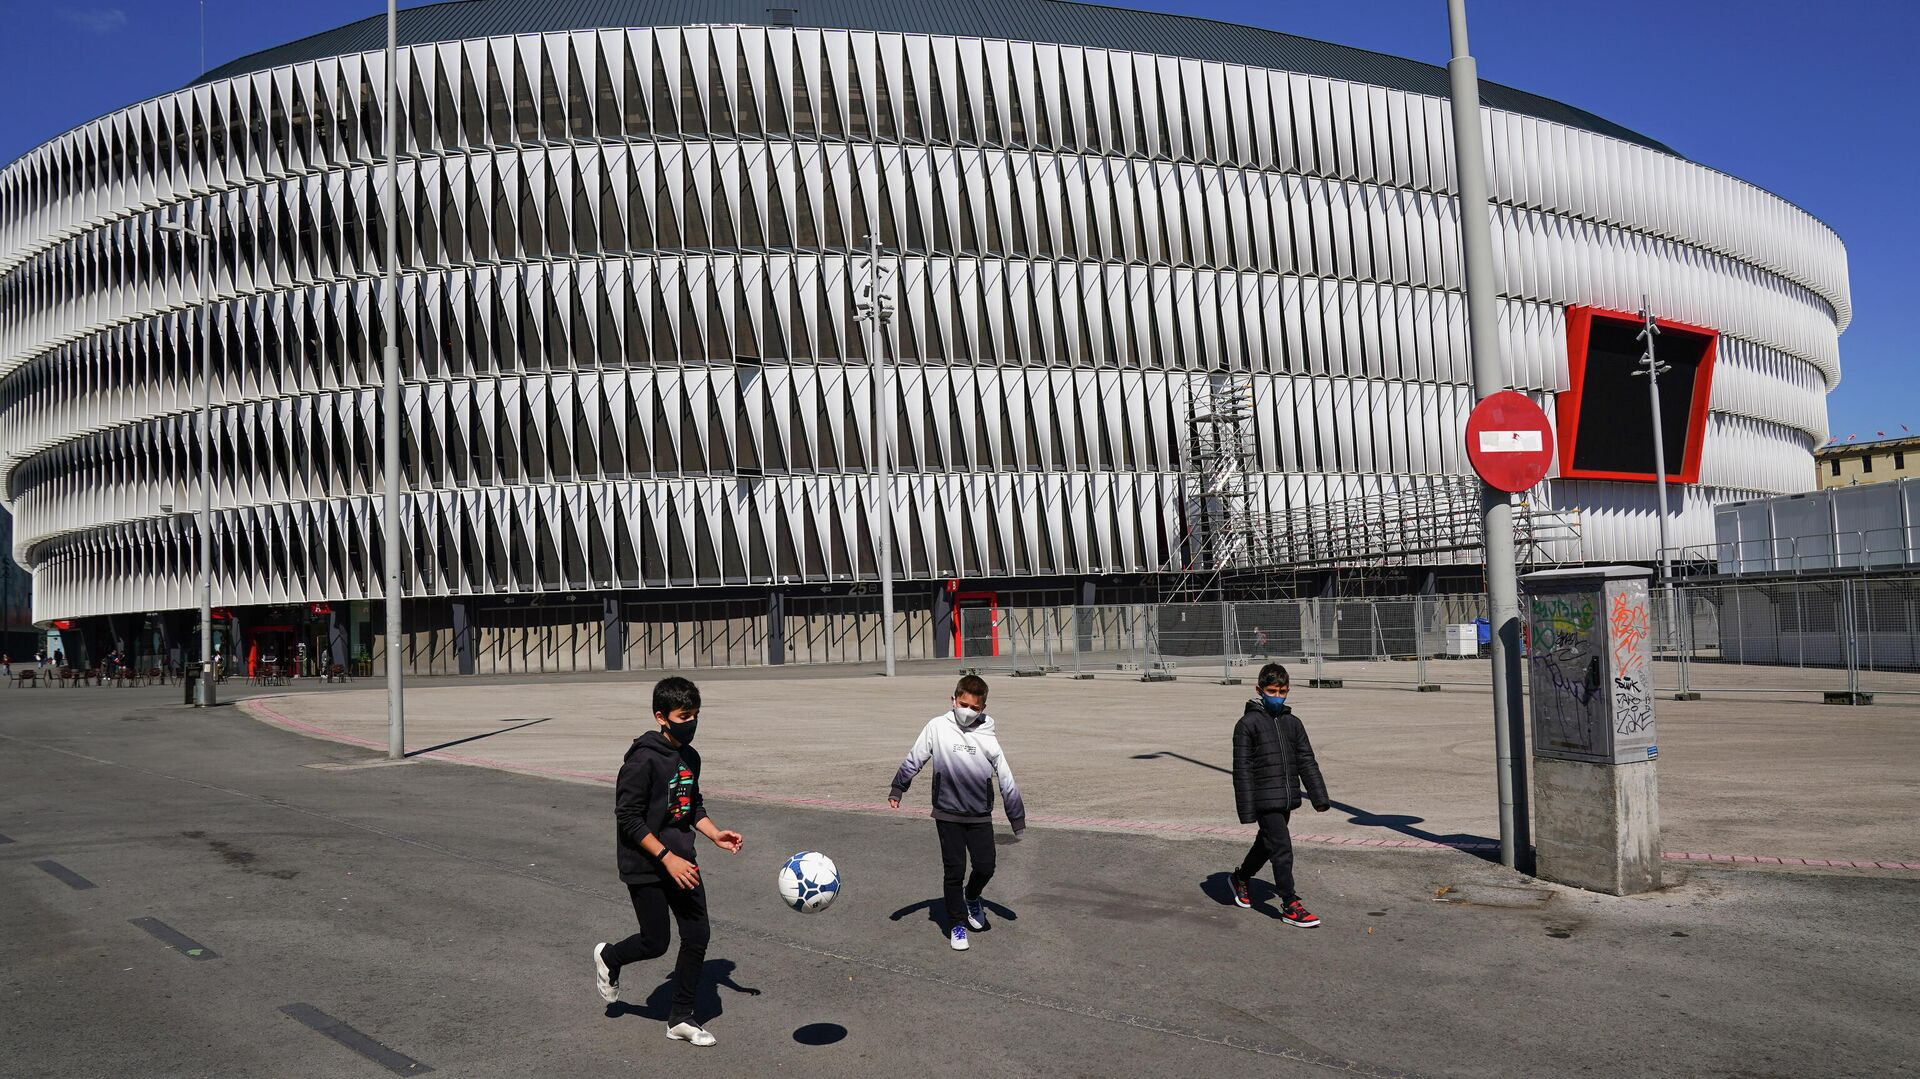 Стадион Сан Мамес в Бильбао - РИА Новости, 1920, 22.04.2021